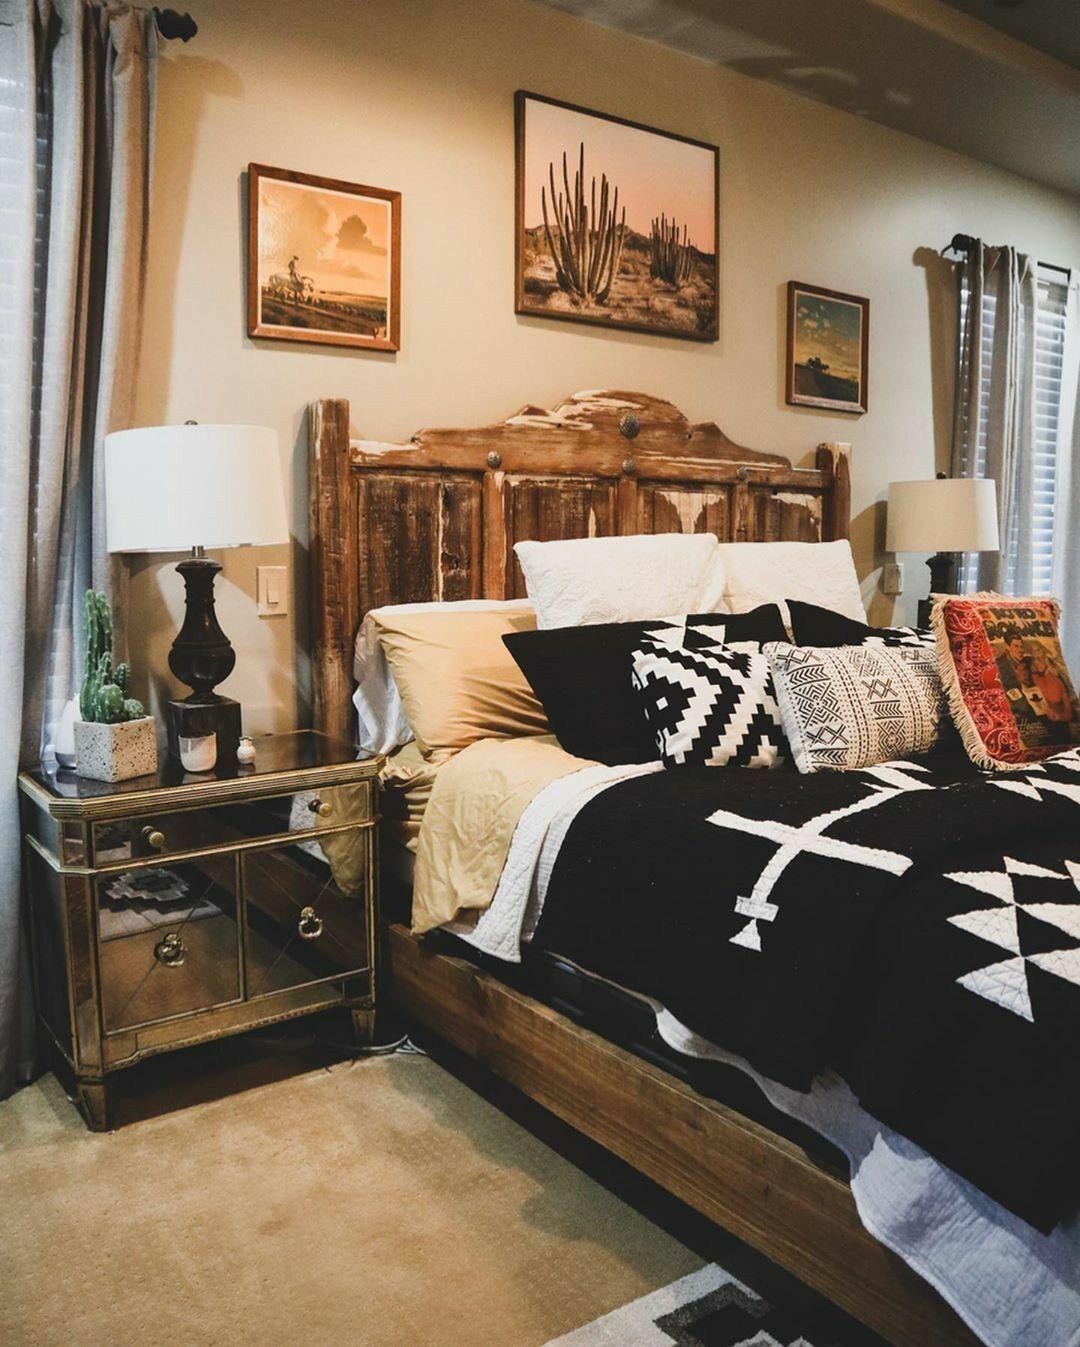 Pin by Mélissa Bachmann on Home Decor 12   Western bedroom decor ...